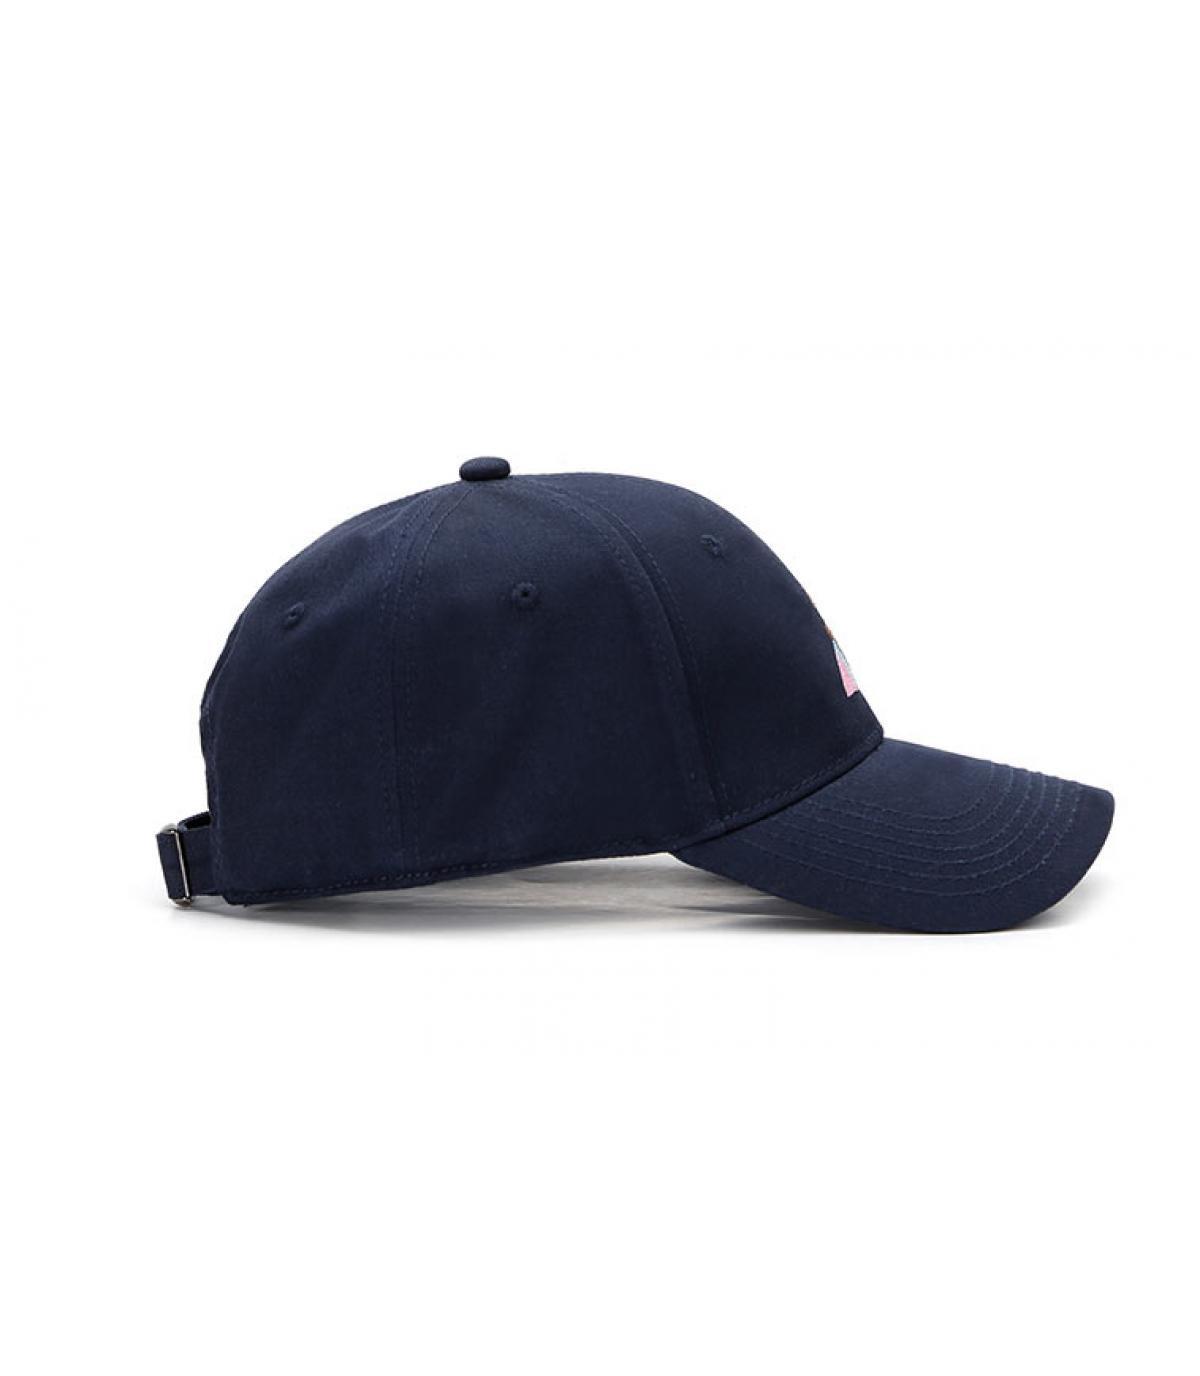 Détails A Dream Curved Cap navy - image 3